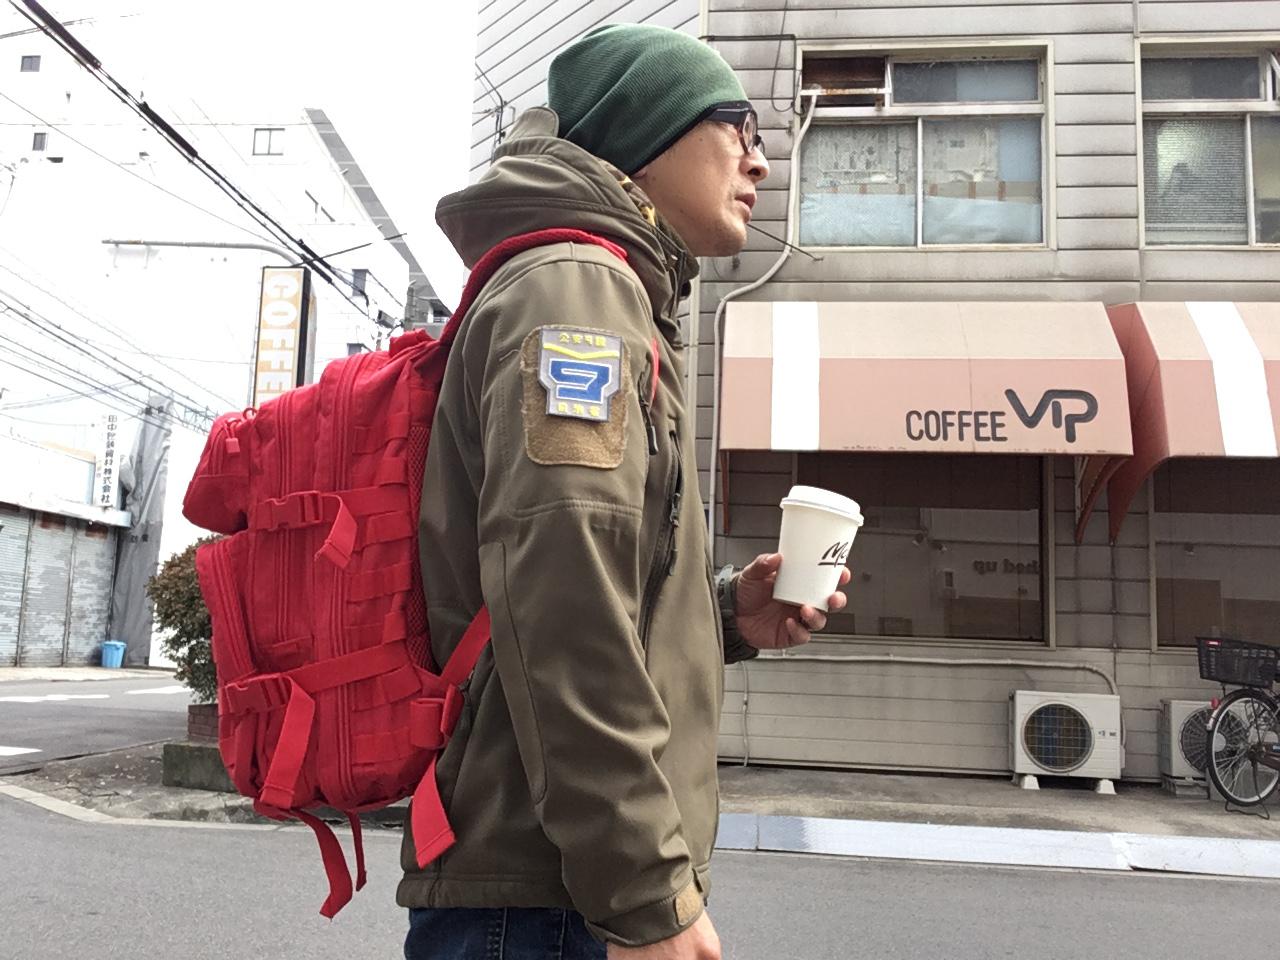 赤いけど軍用バッグ?【MIL-TEC】USタクティカルパック